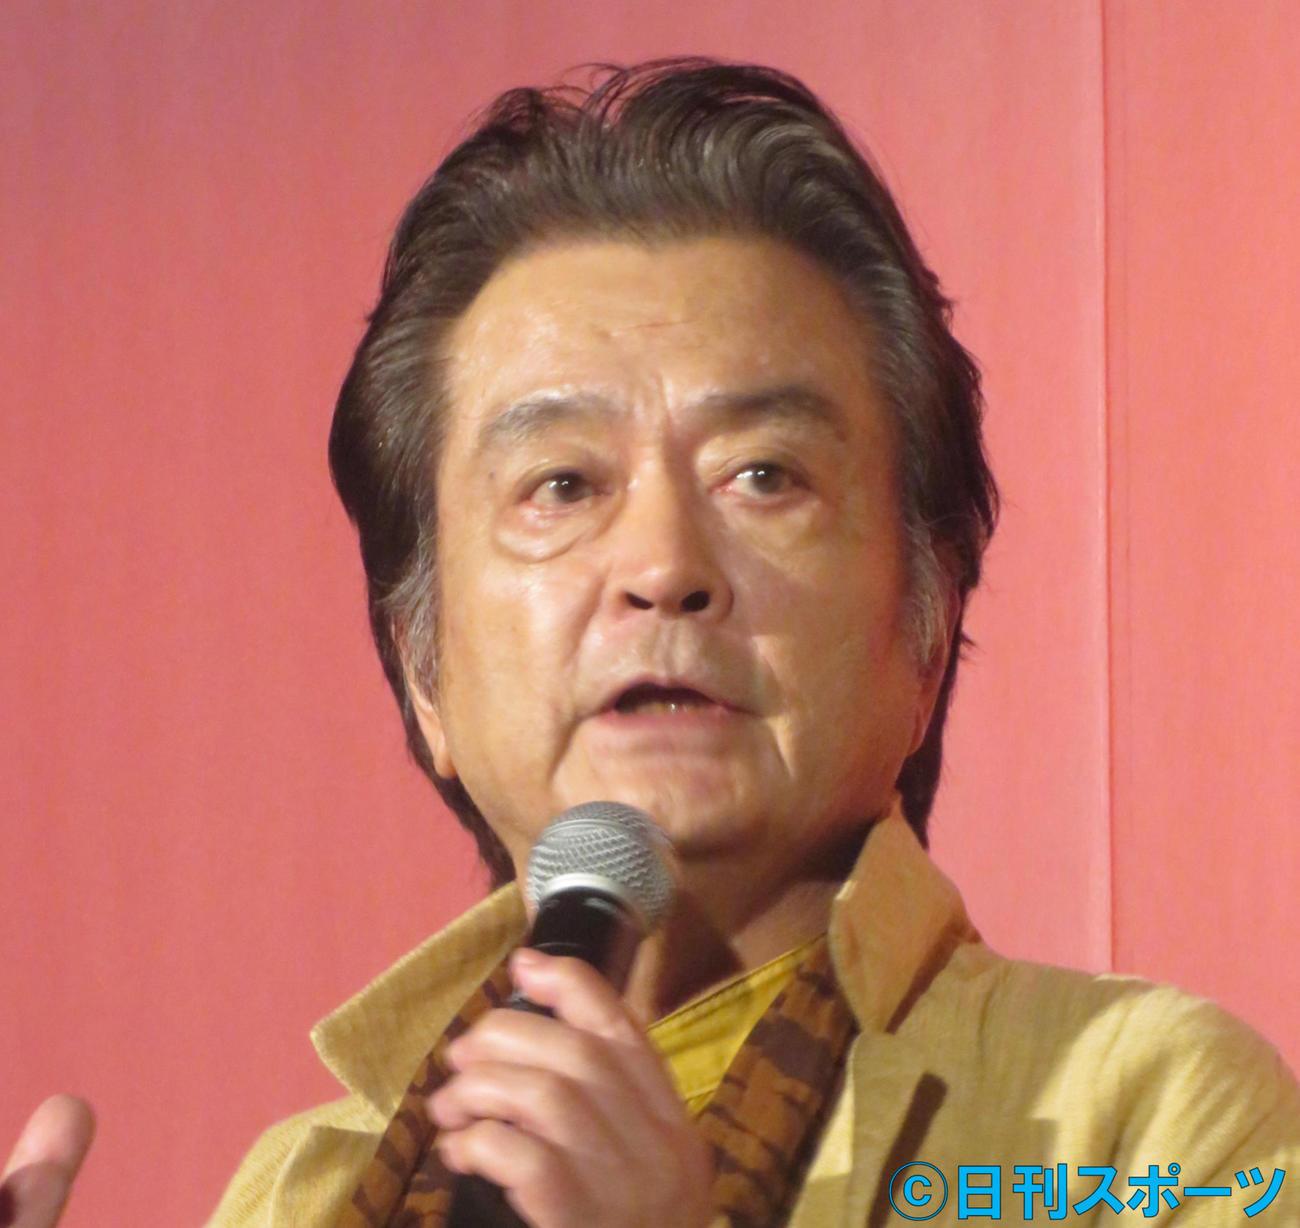 大和田伸也(2019年8月8日撮影)